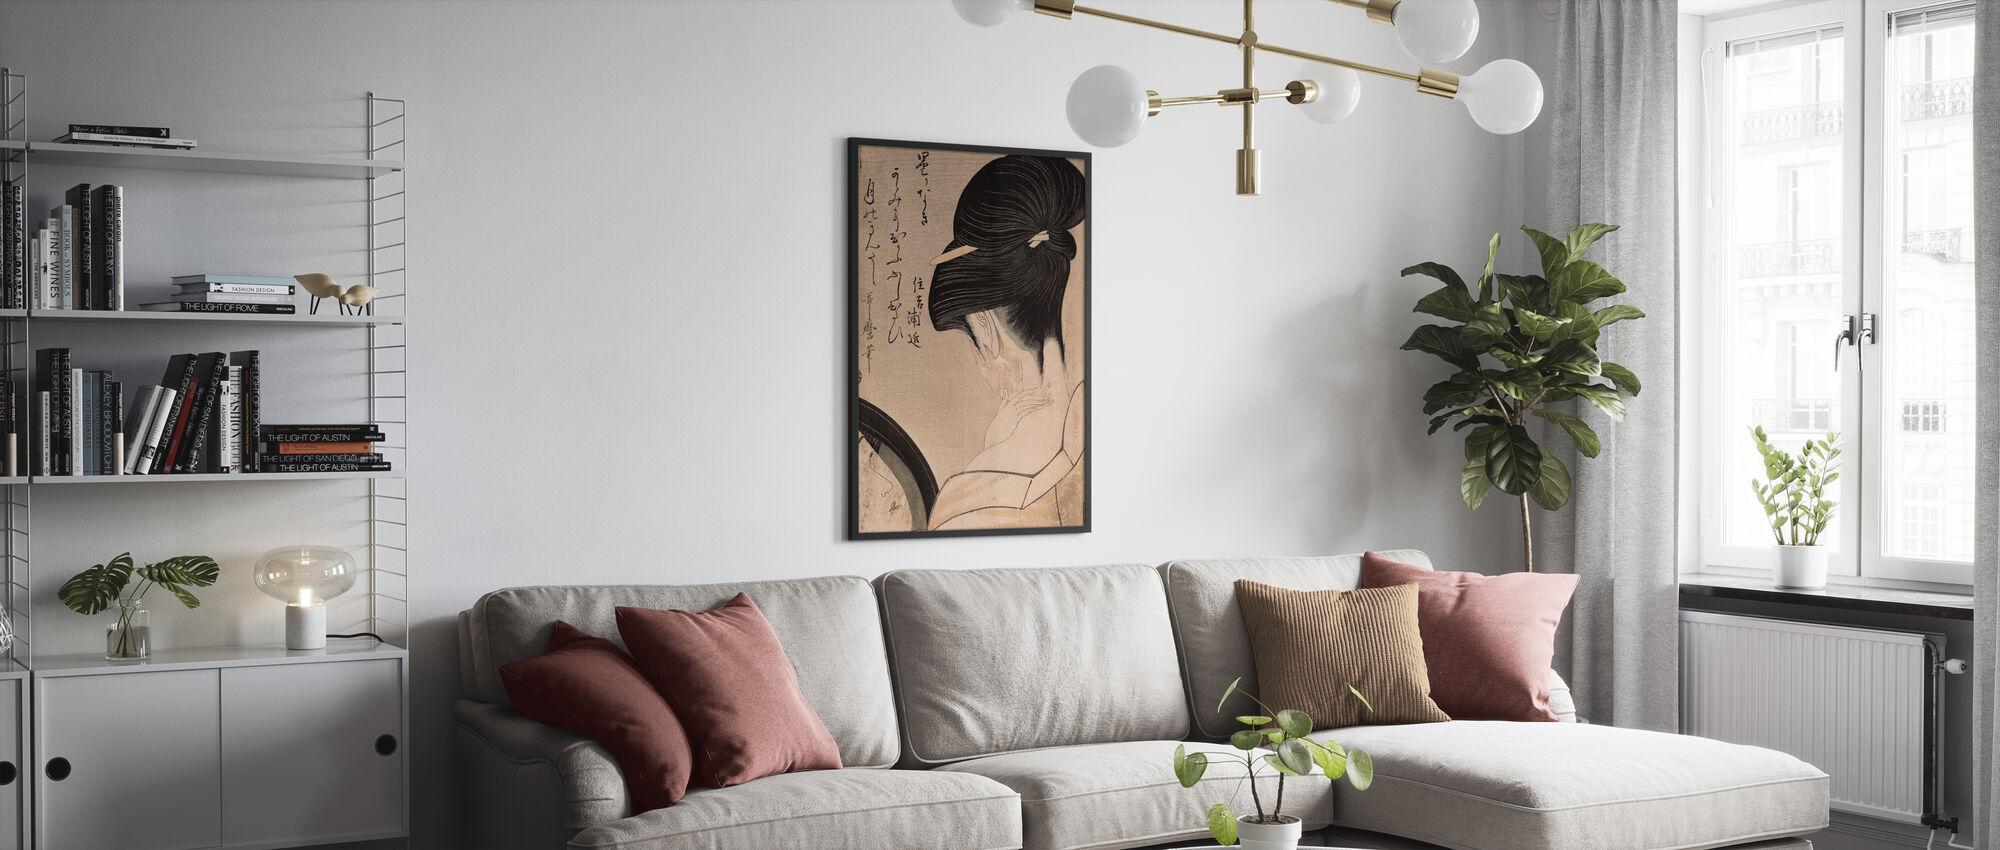 Woman Putting on Make-up, Kitagawa Utamaro - Poster - Living Room